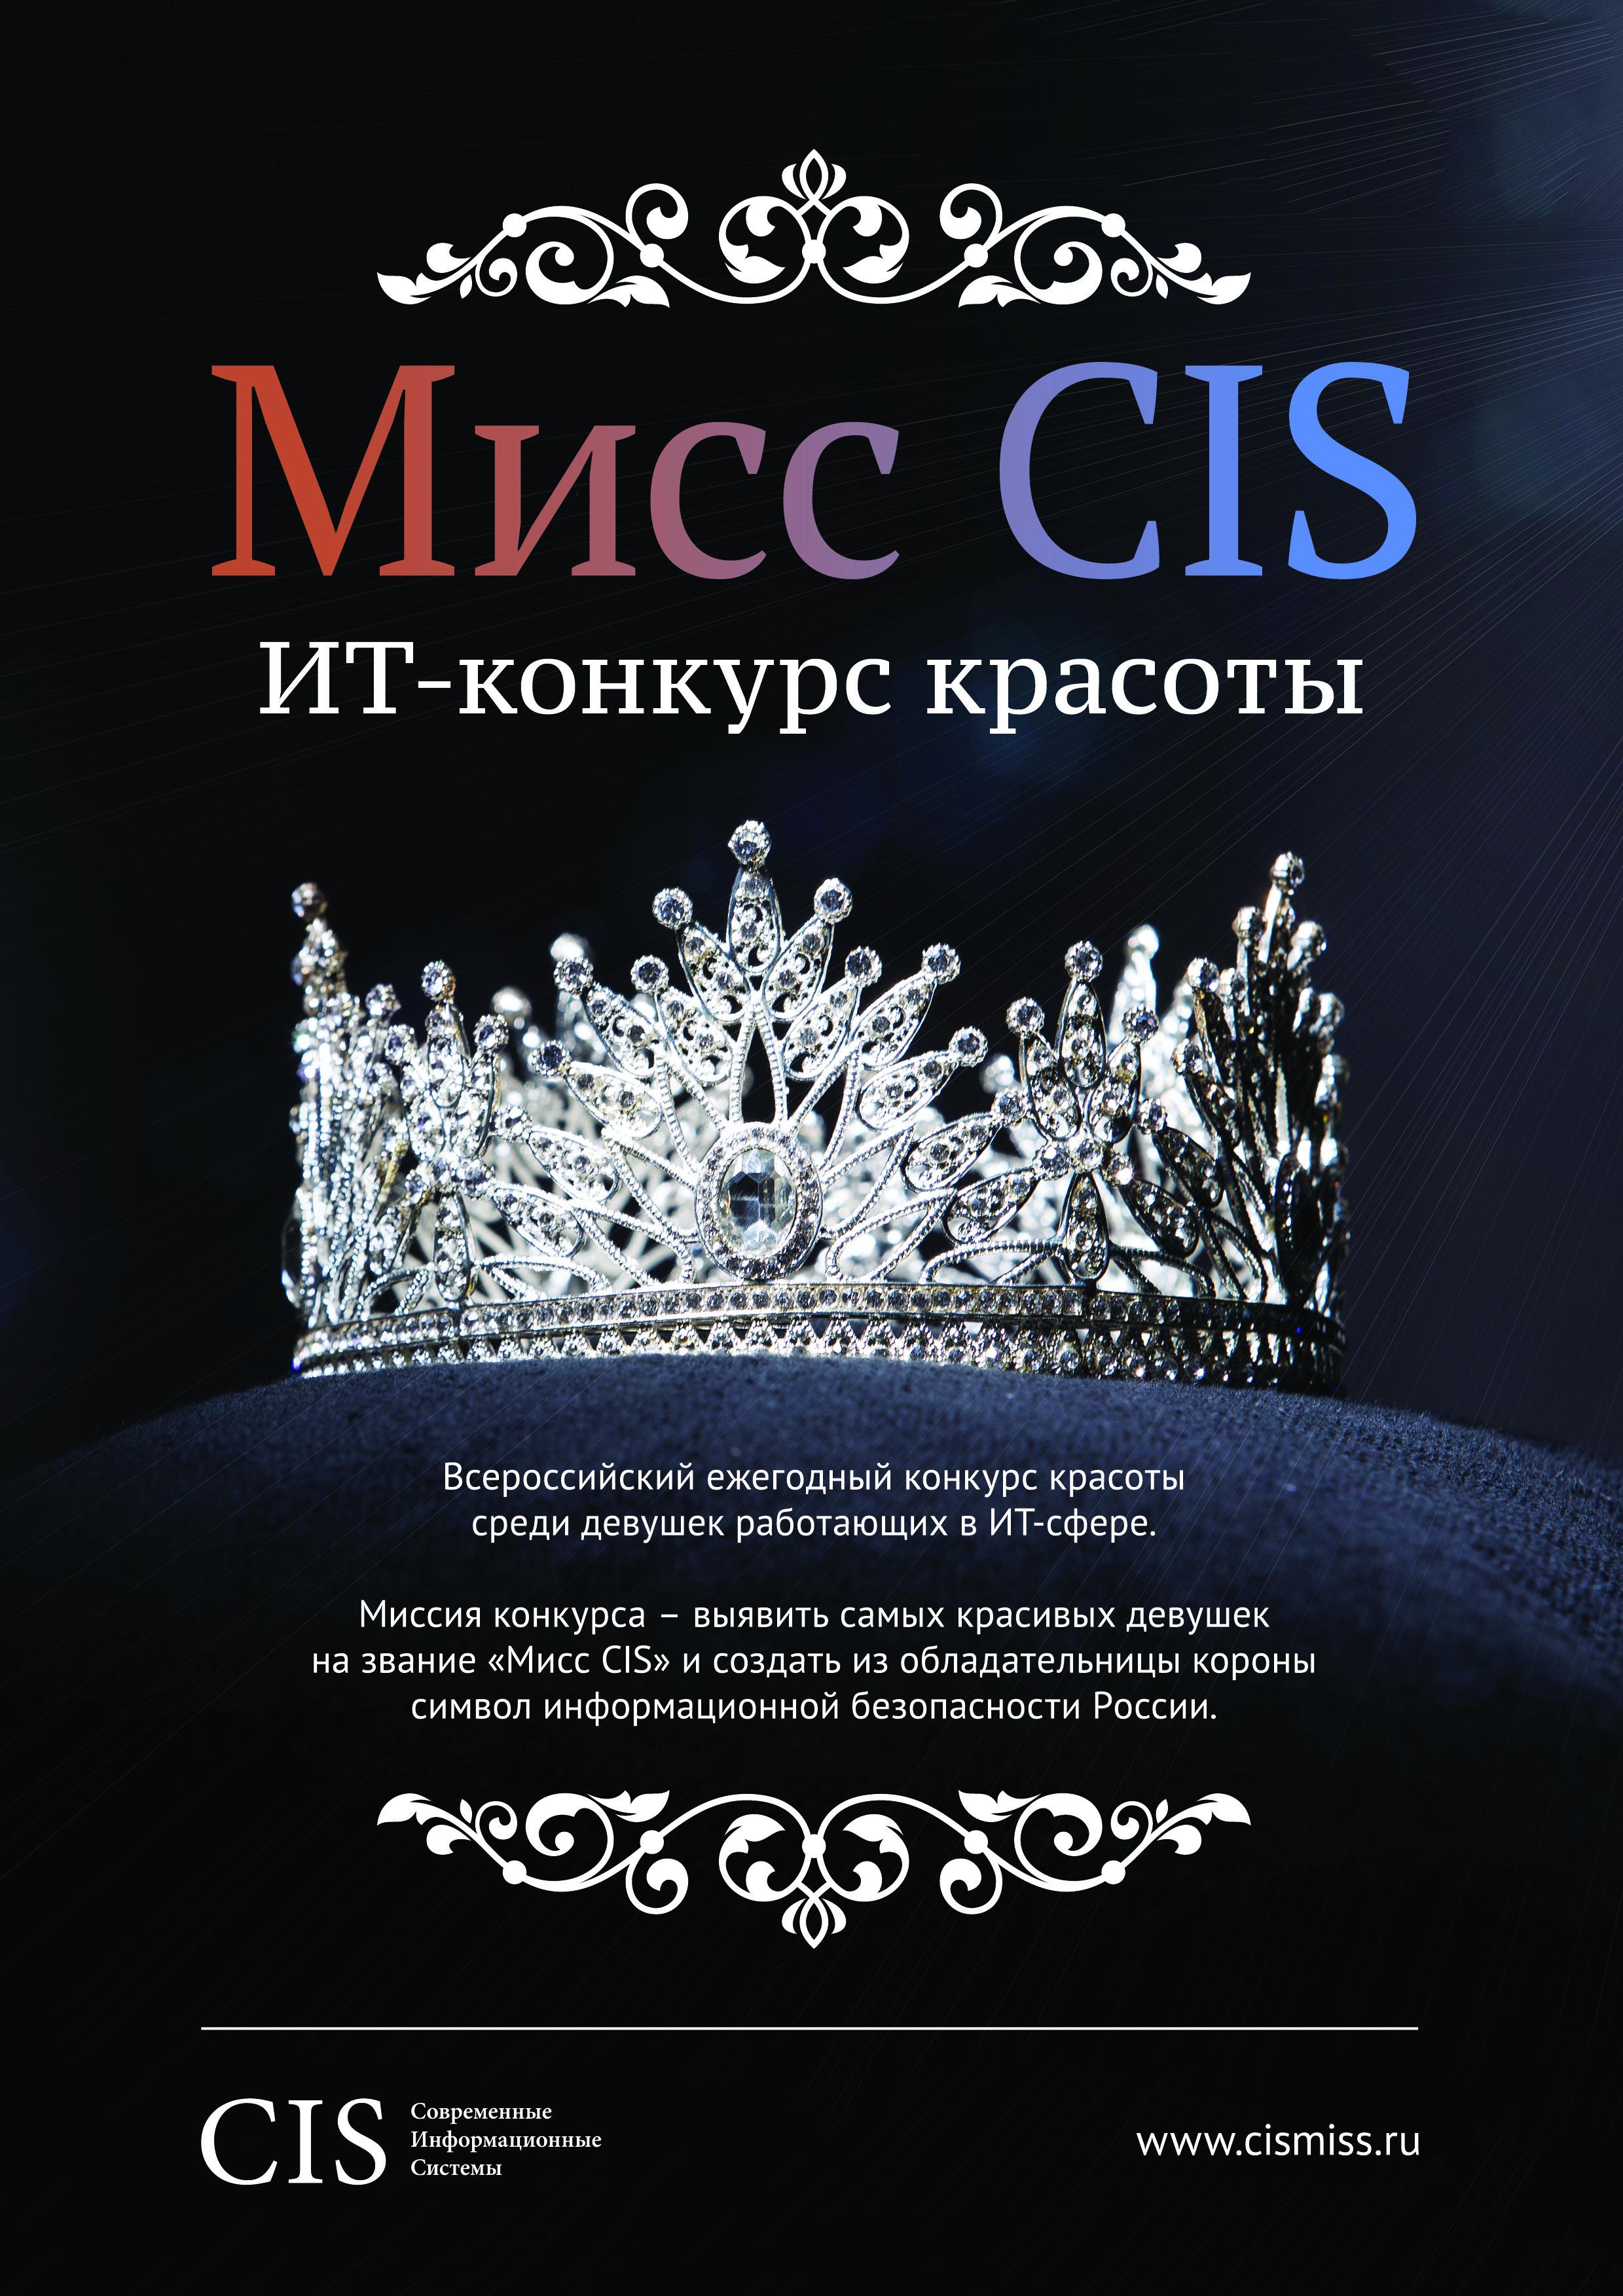 IT-журнал CIS 1 (7) - Современные Инфоcистемы СIS (Современные Инфосистемы) – это...